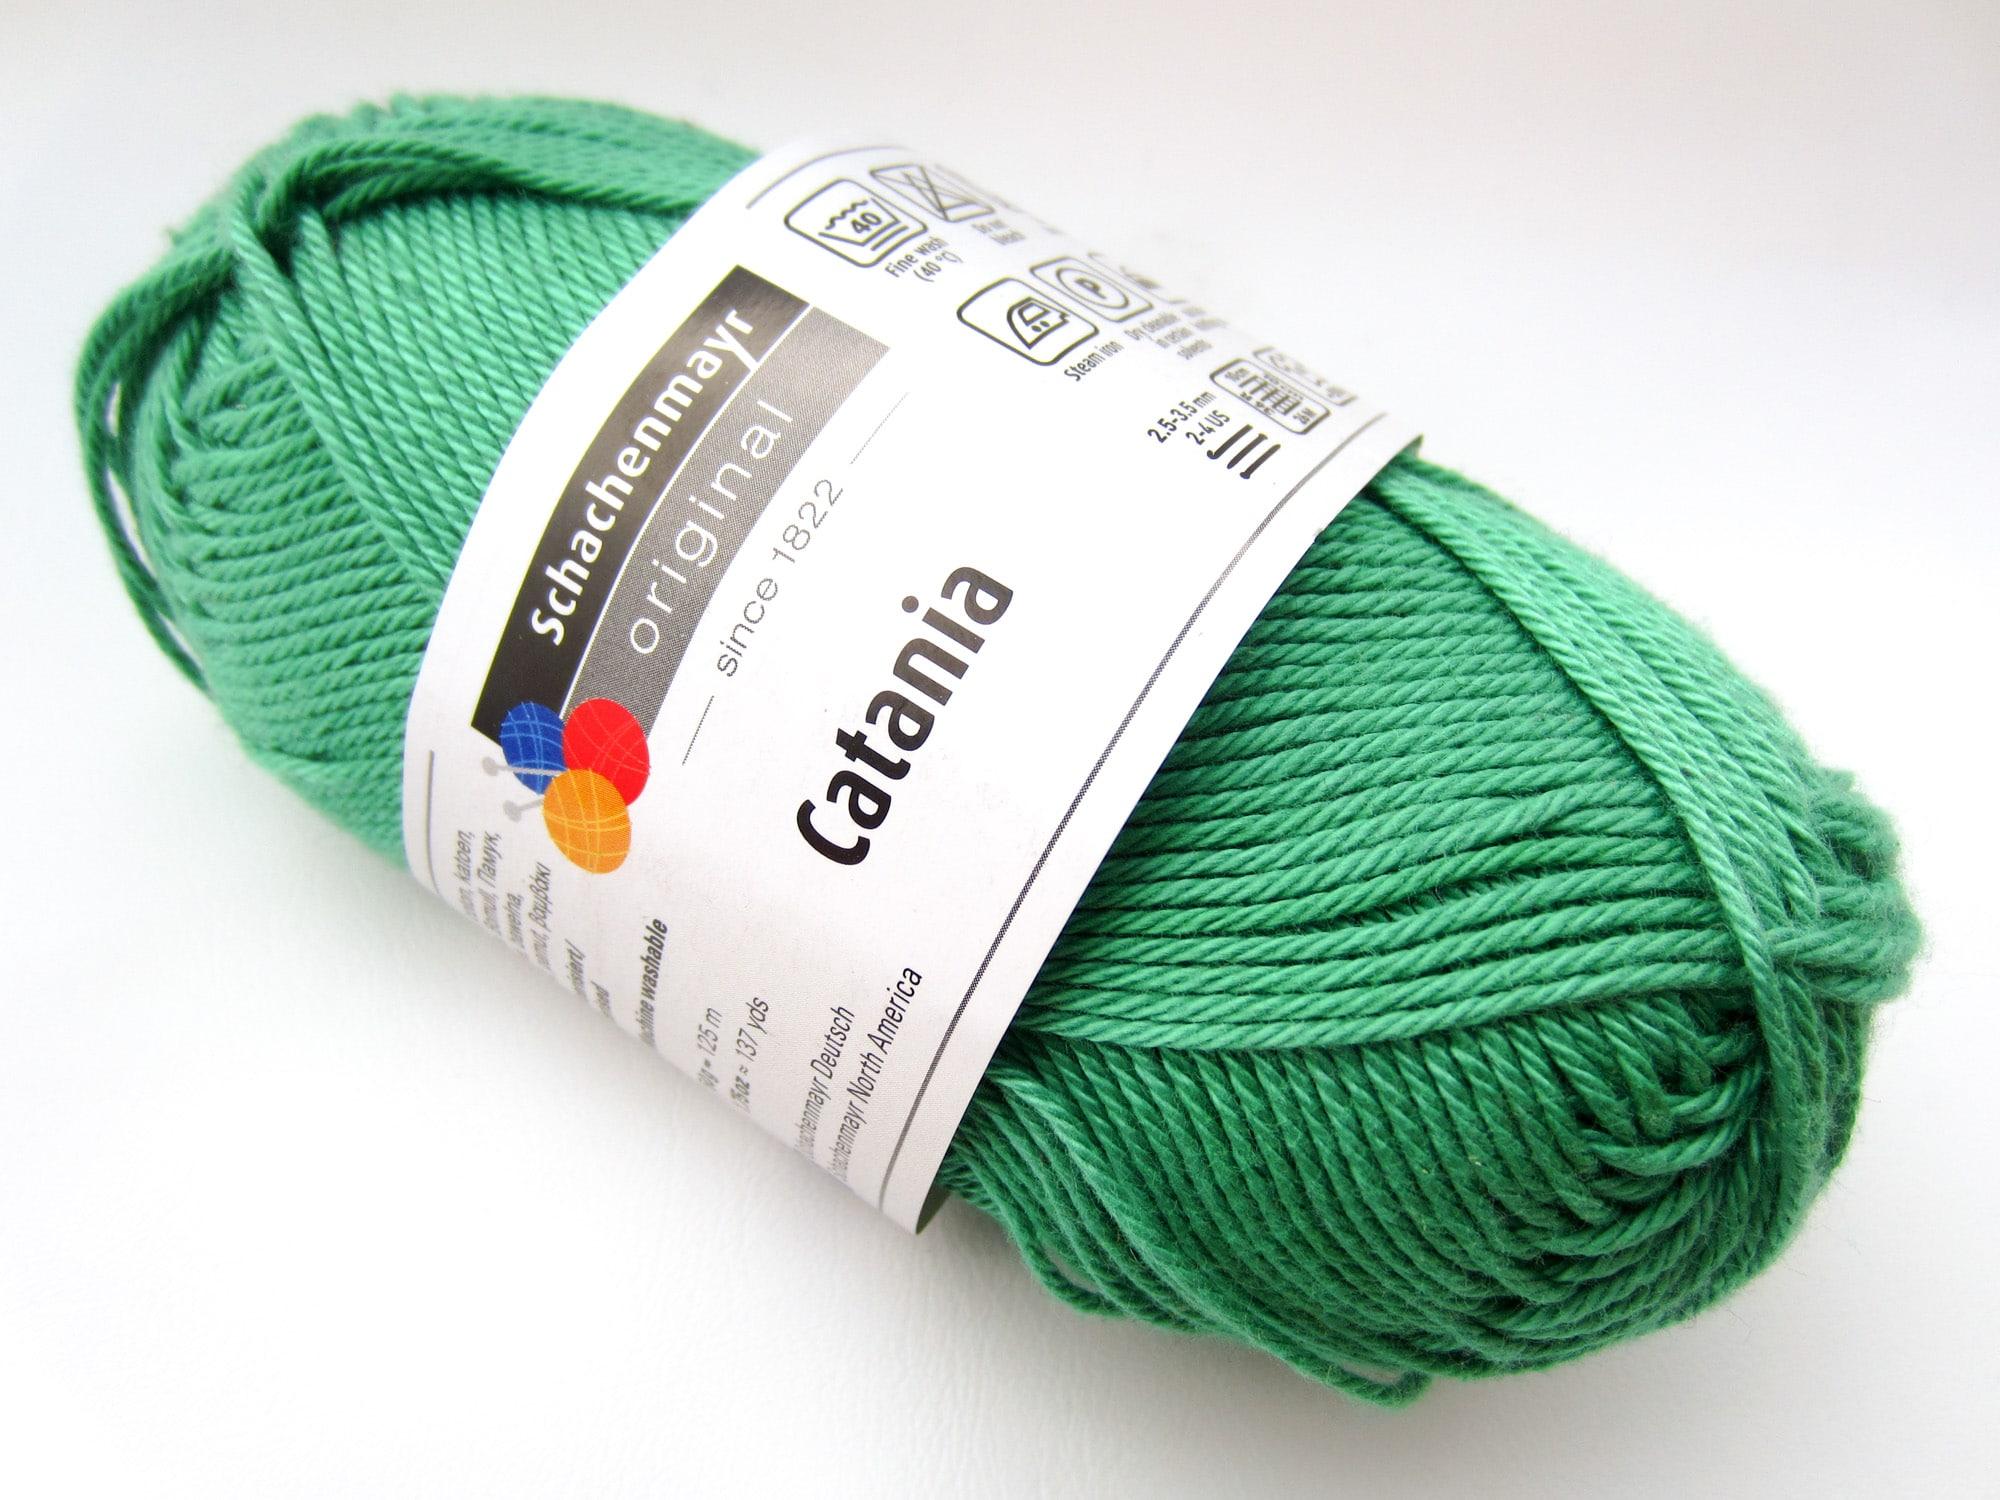 Ricorumi: Amigurumis häkeln - Wolle und Zubehör online kaufen » | 1500x2000